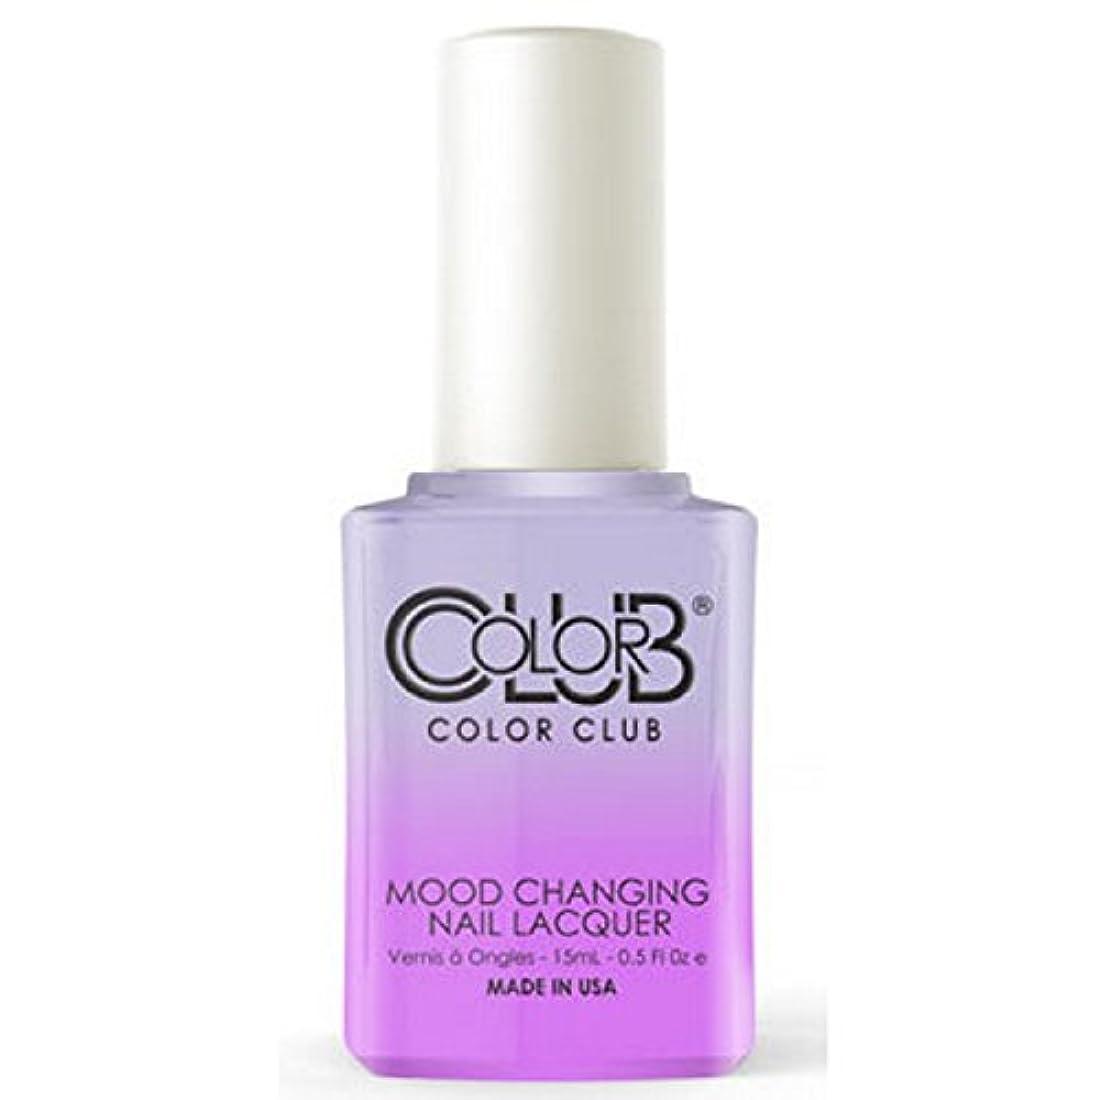 自分を引き上げるサドルコールColor Club Mood Changing Nail Lacquer - Easy Breezy- 15 mL / 0.5 fl oz